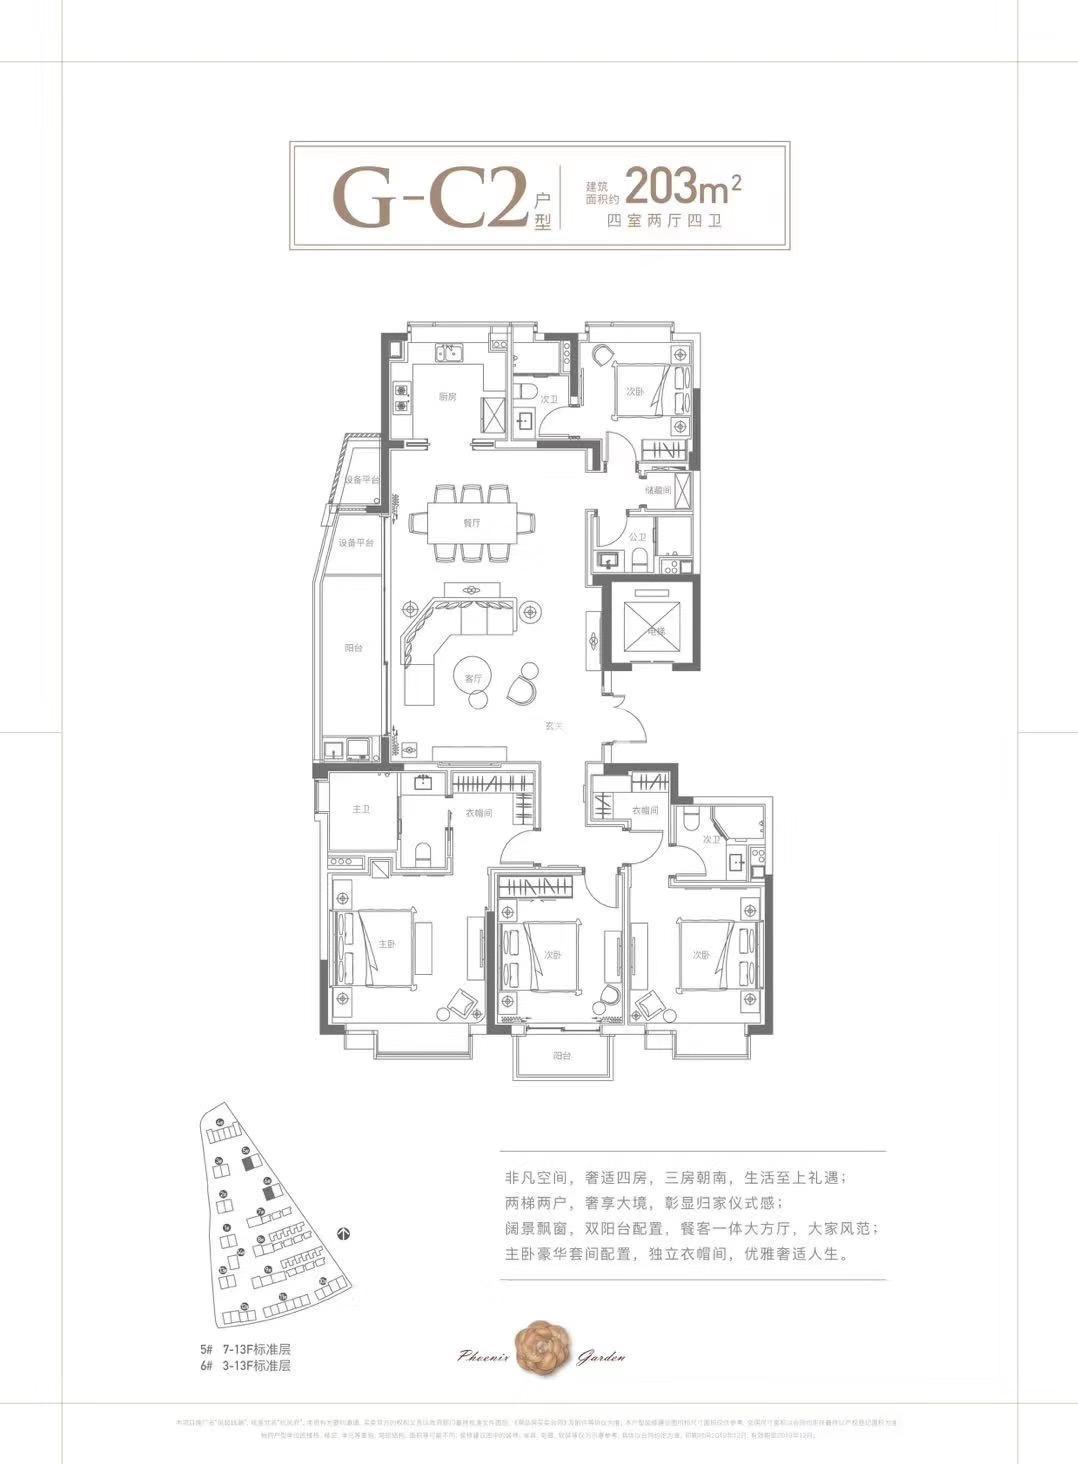 凤起钱潮G-C2户型203方5、6#